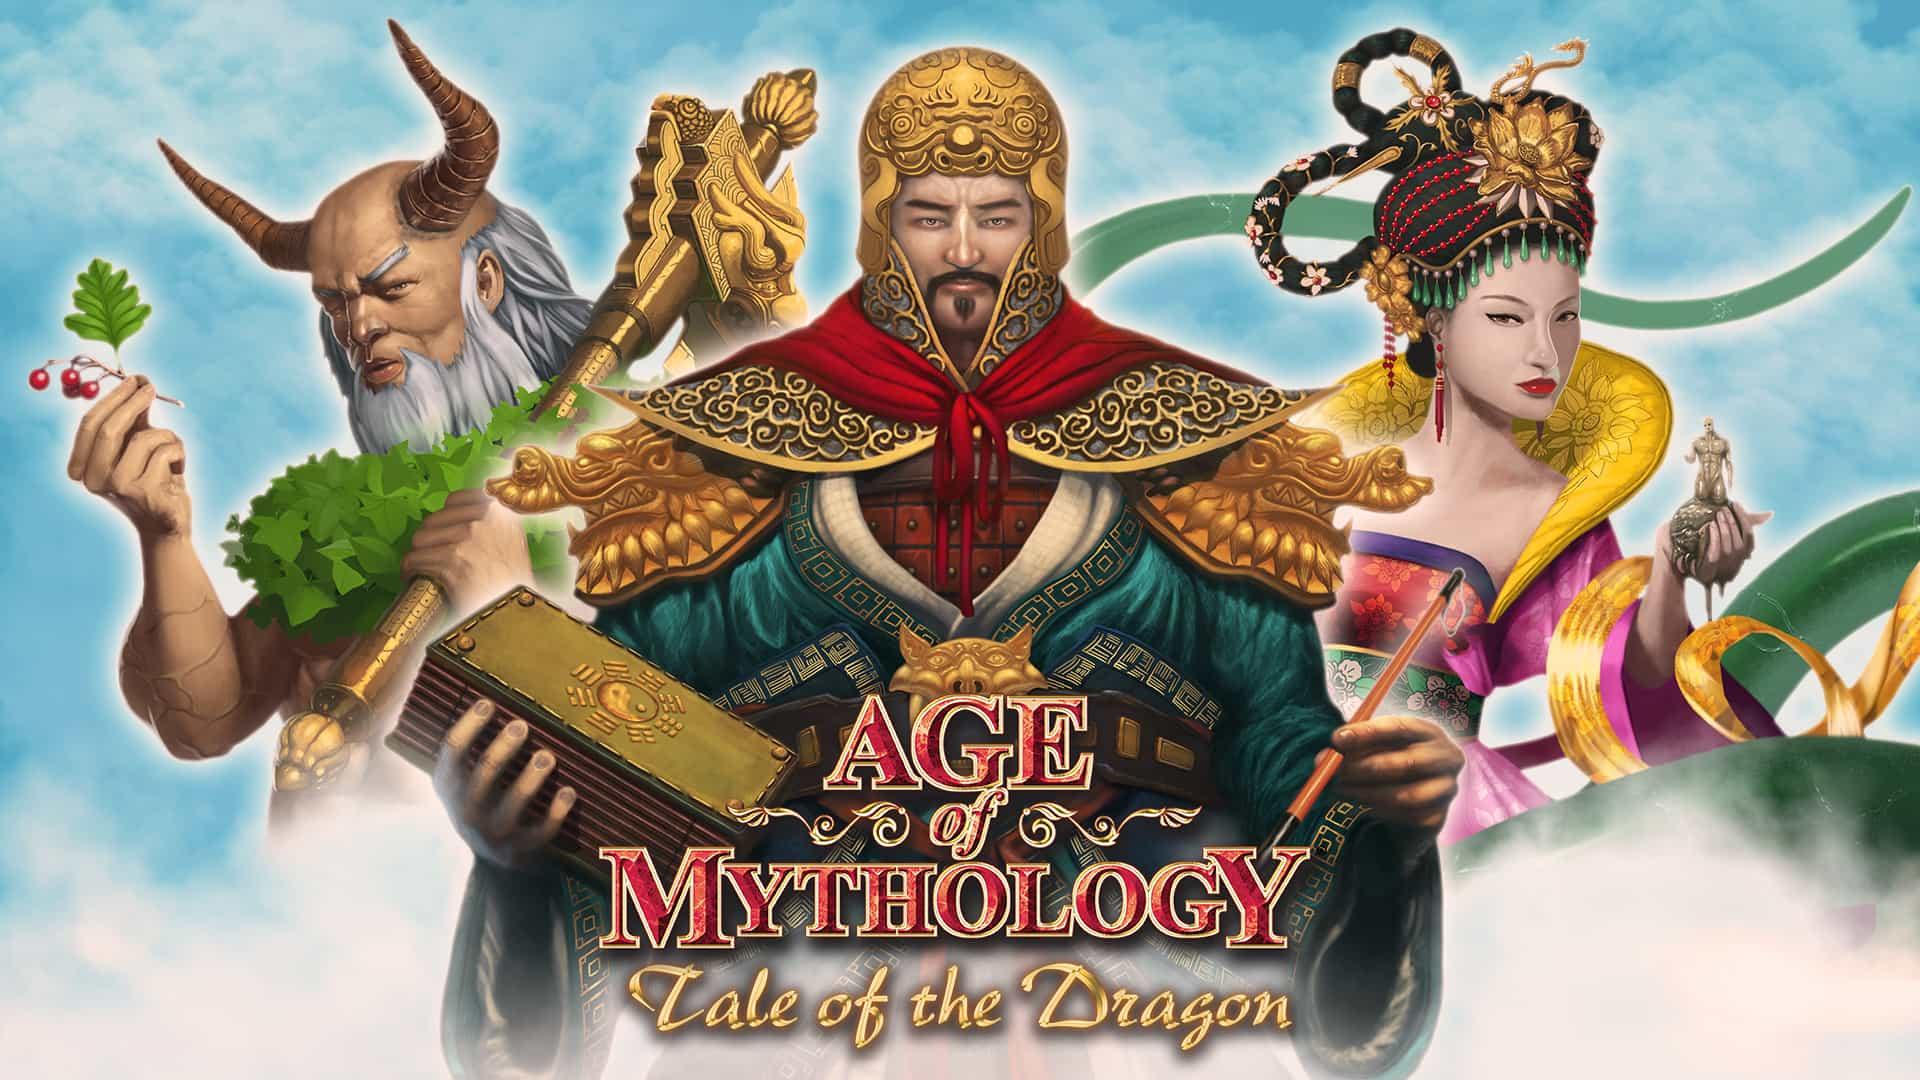 jogos-de-estrategia-para-pc-agemythology